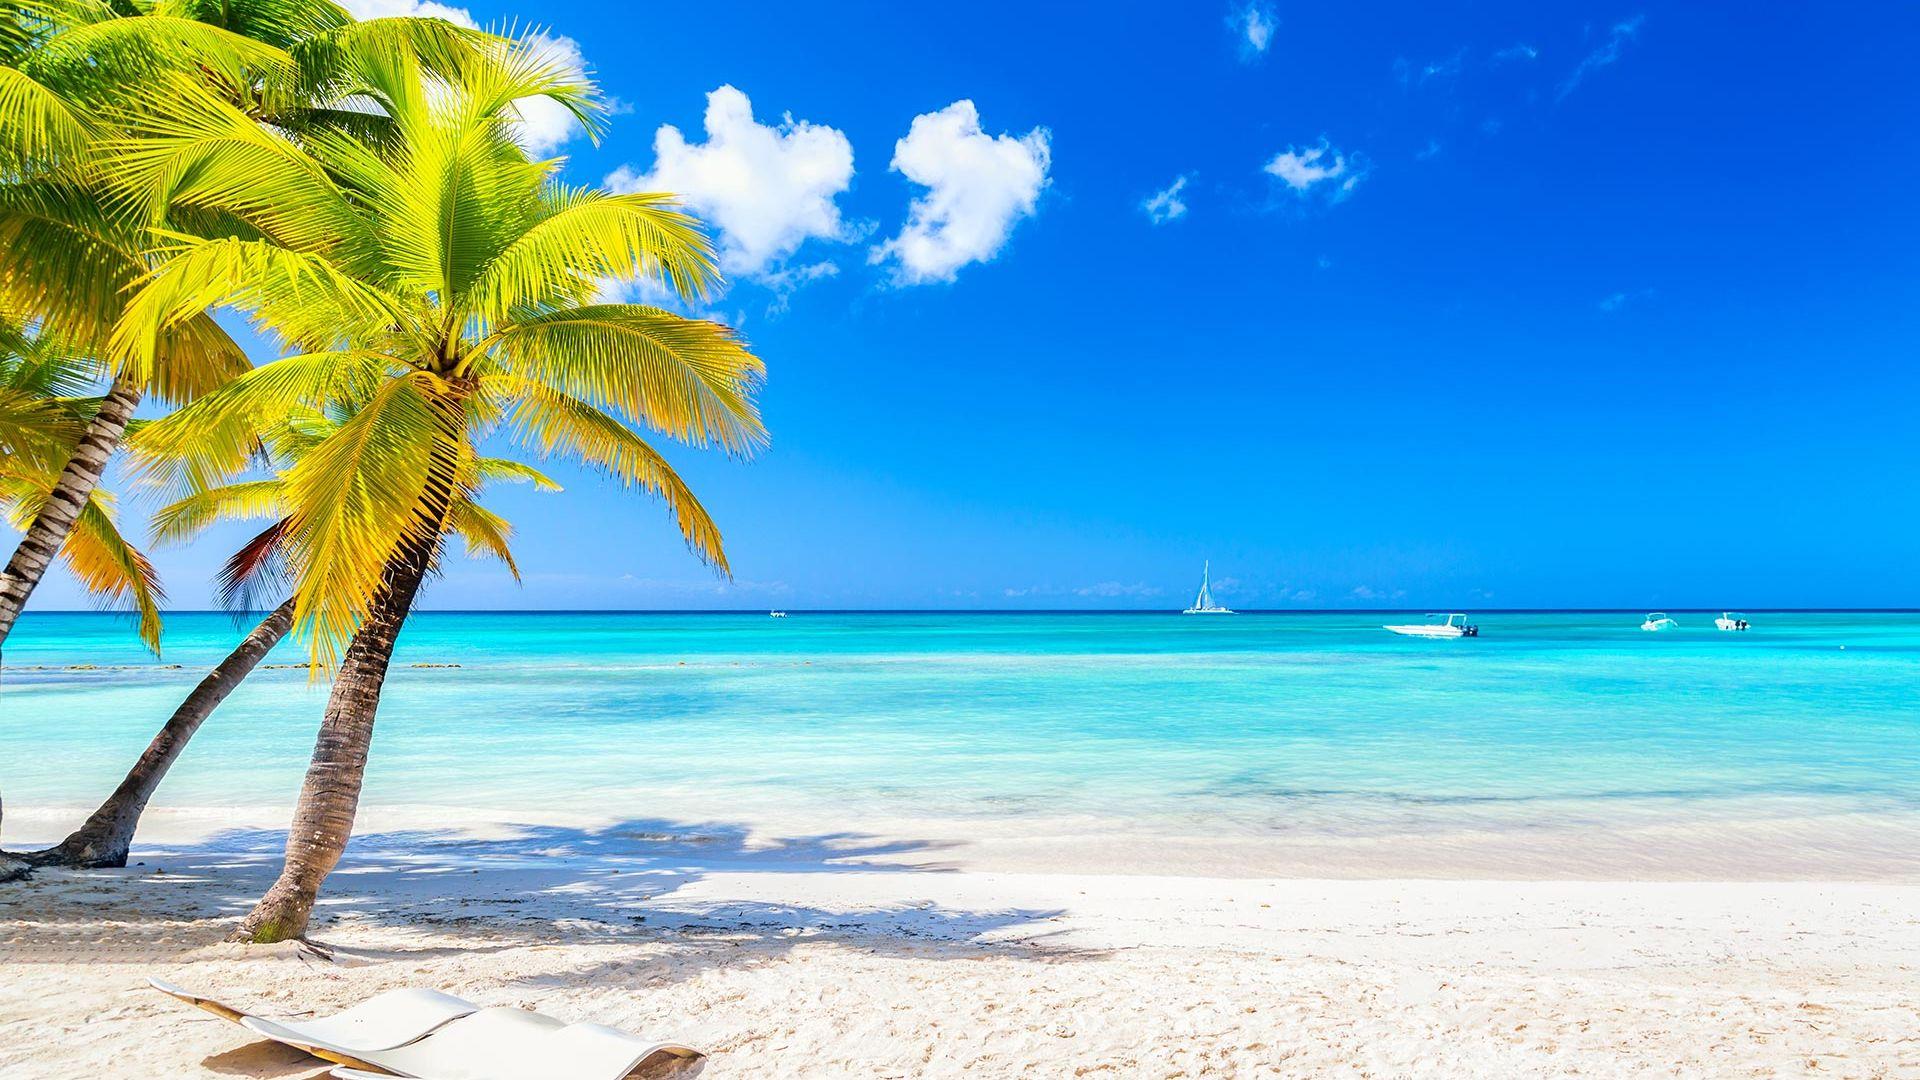 Sejur plaja Punta Cana, Republica Dominicana, 11 zile - 14 iulie 2021